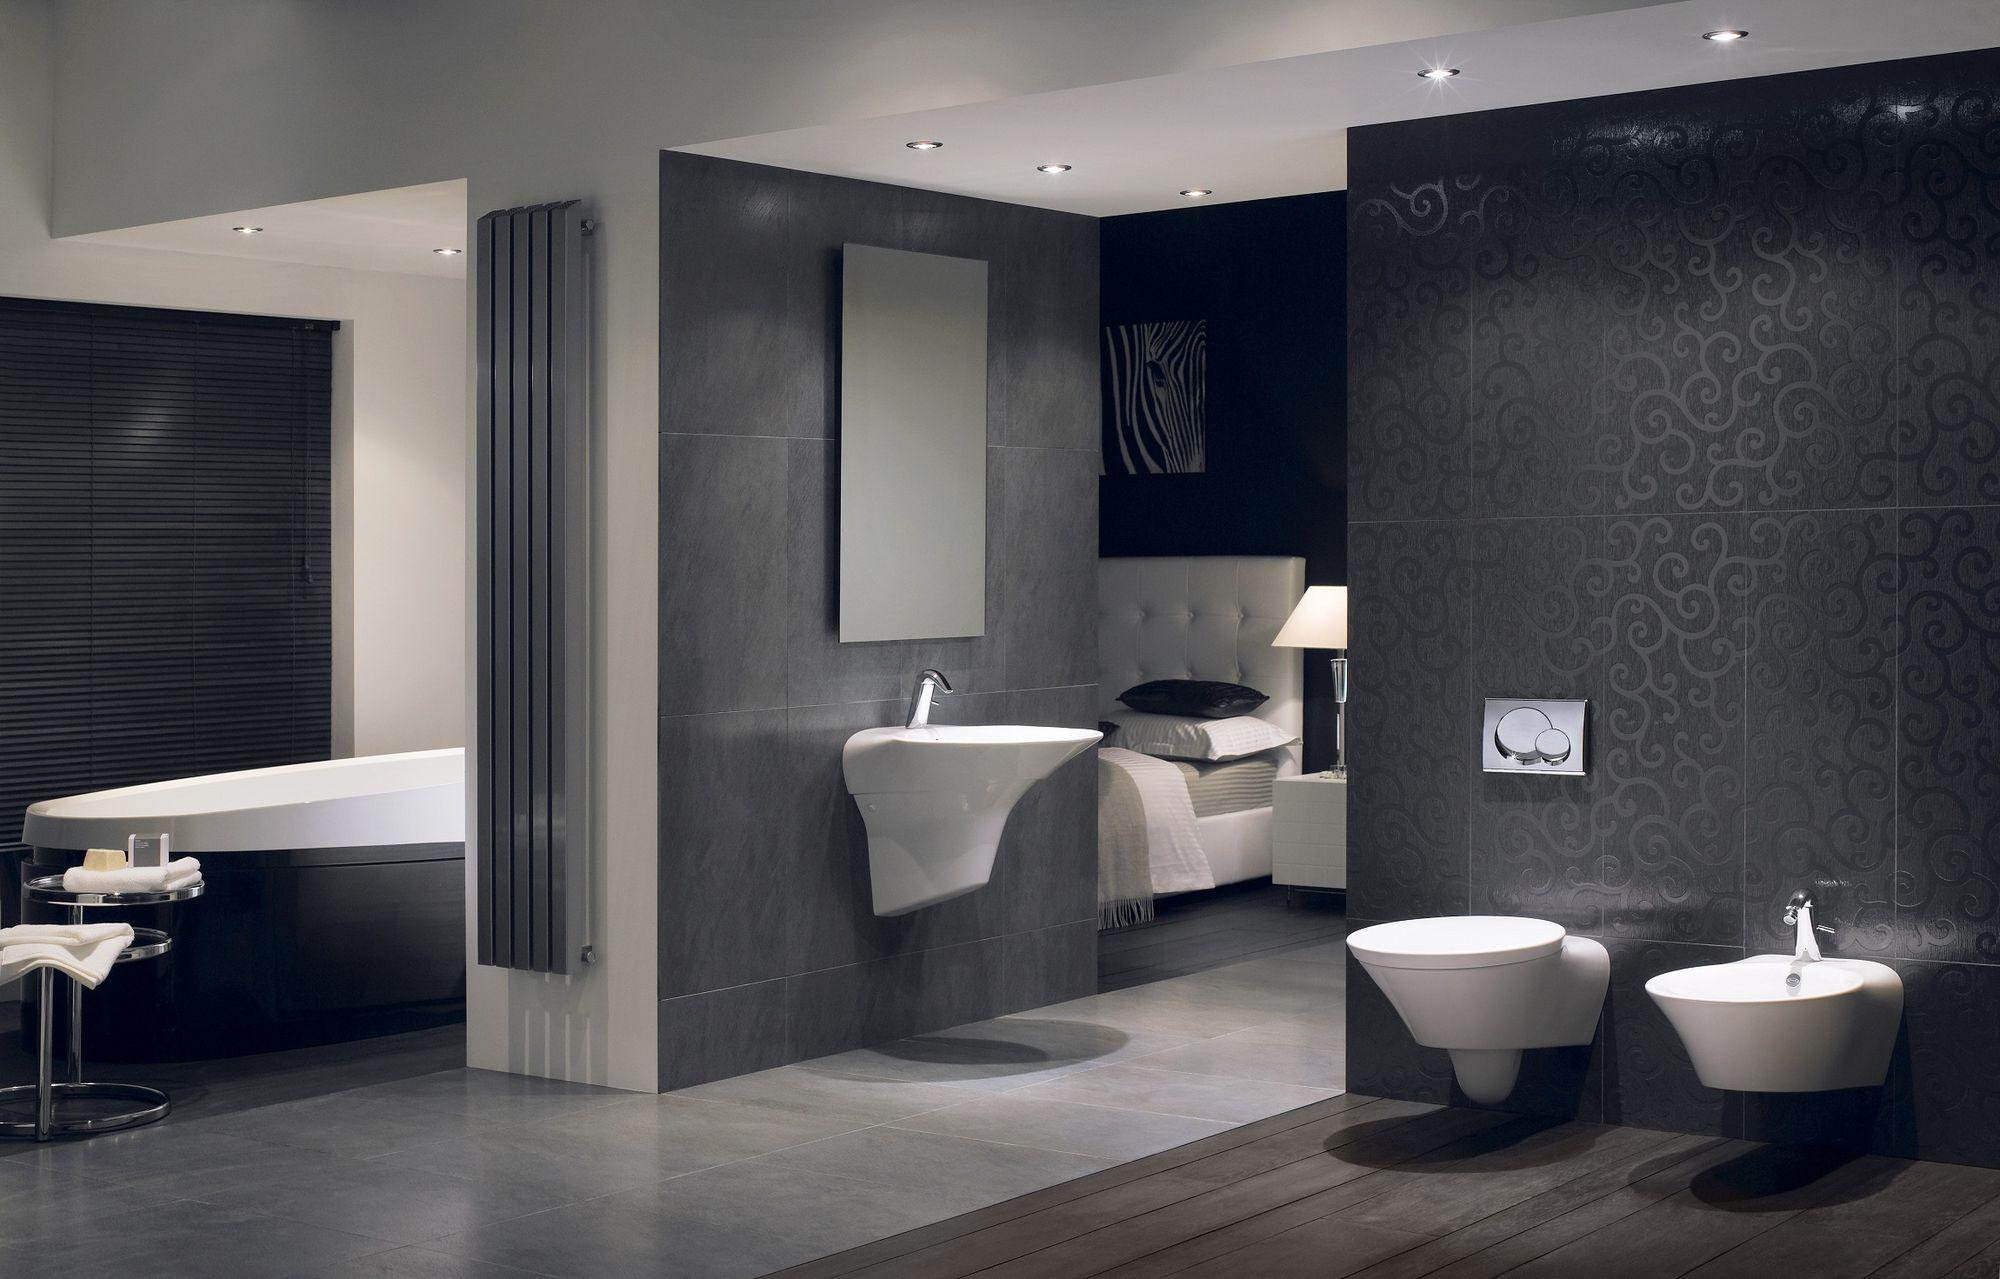 Bathroom Suites Bournemouth Designing Bathroom Suites